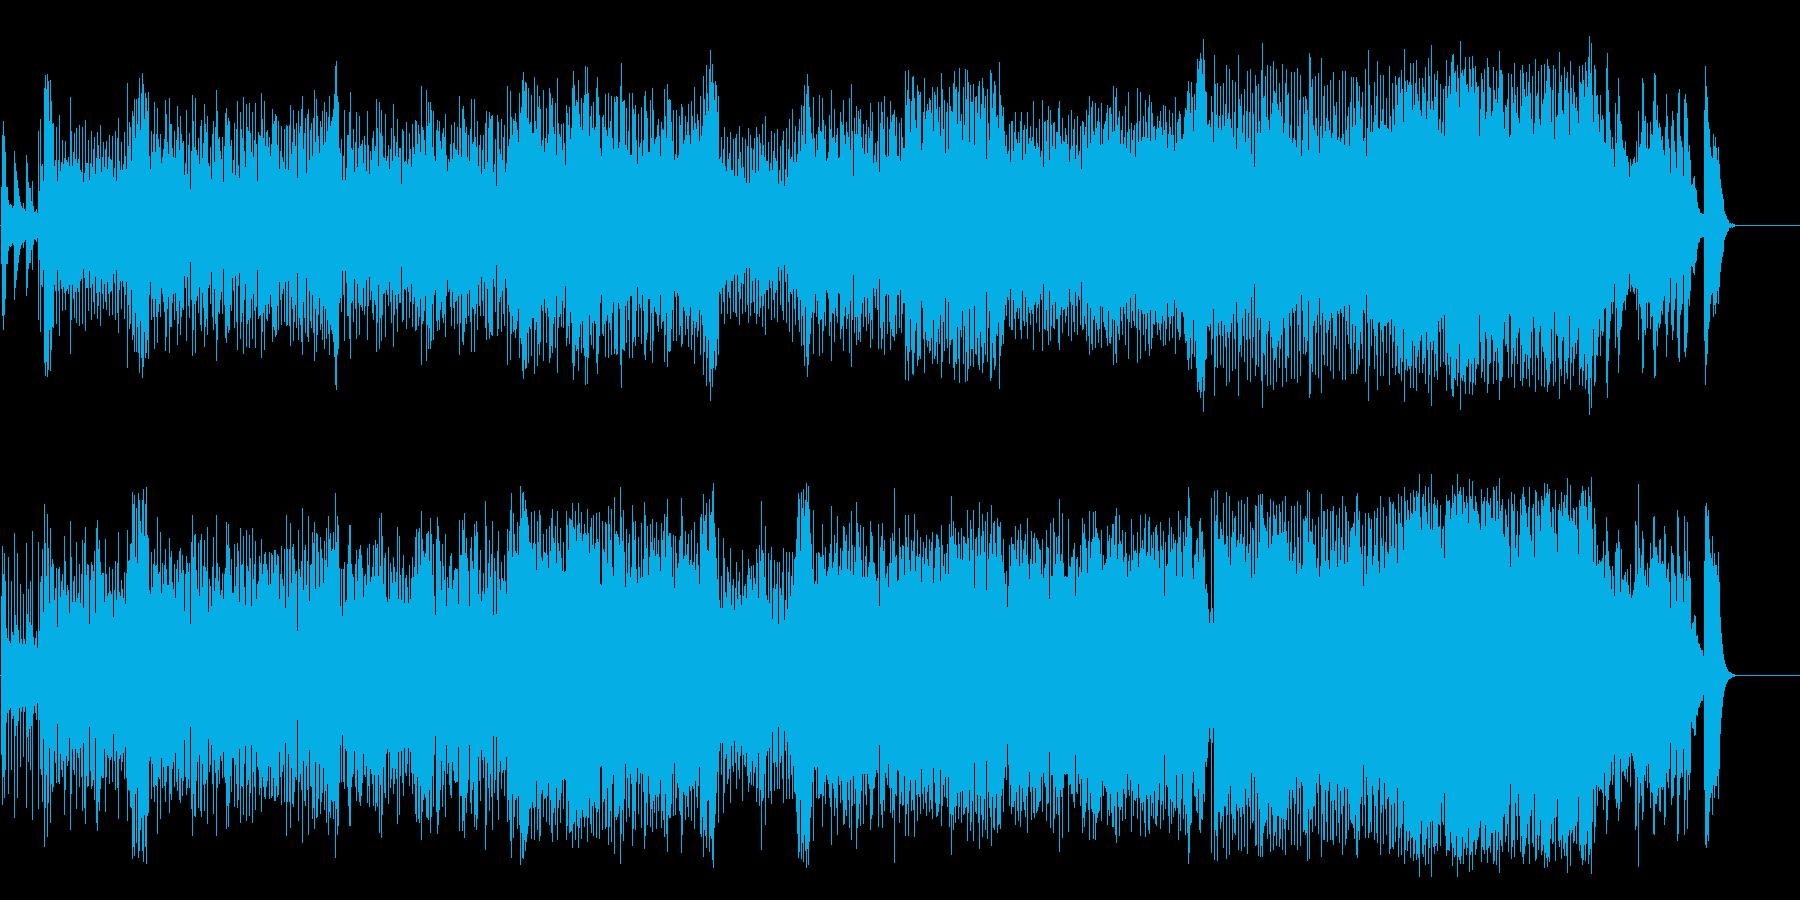 情熱的、ドラマチックフュージョン/ラテンの再生済みの波形